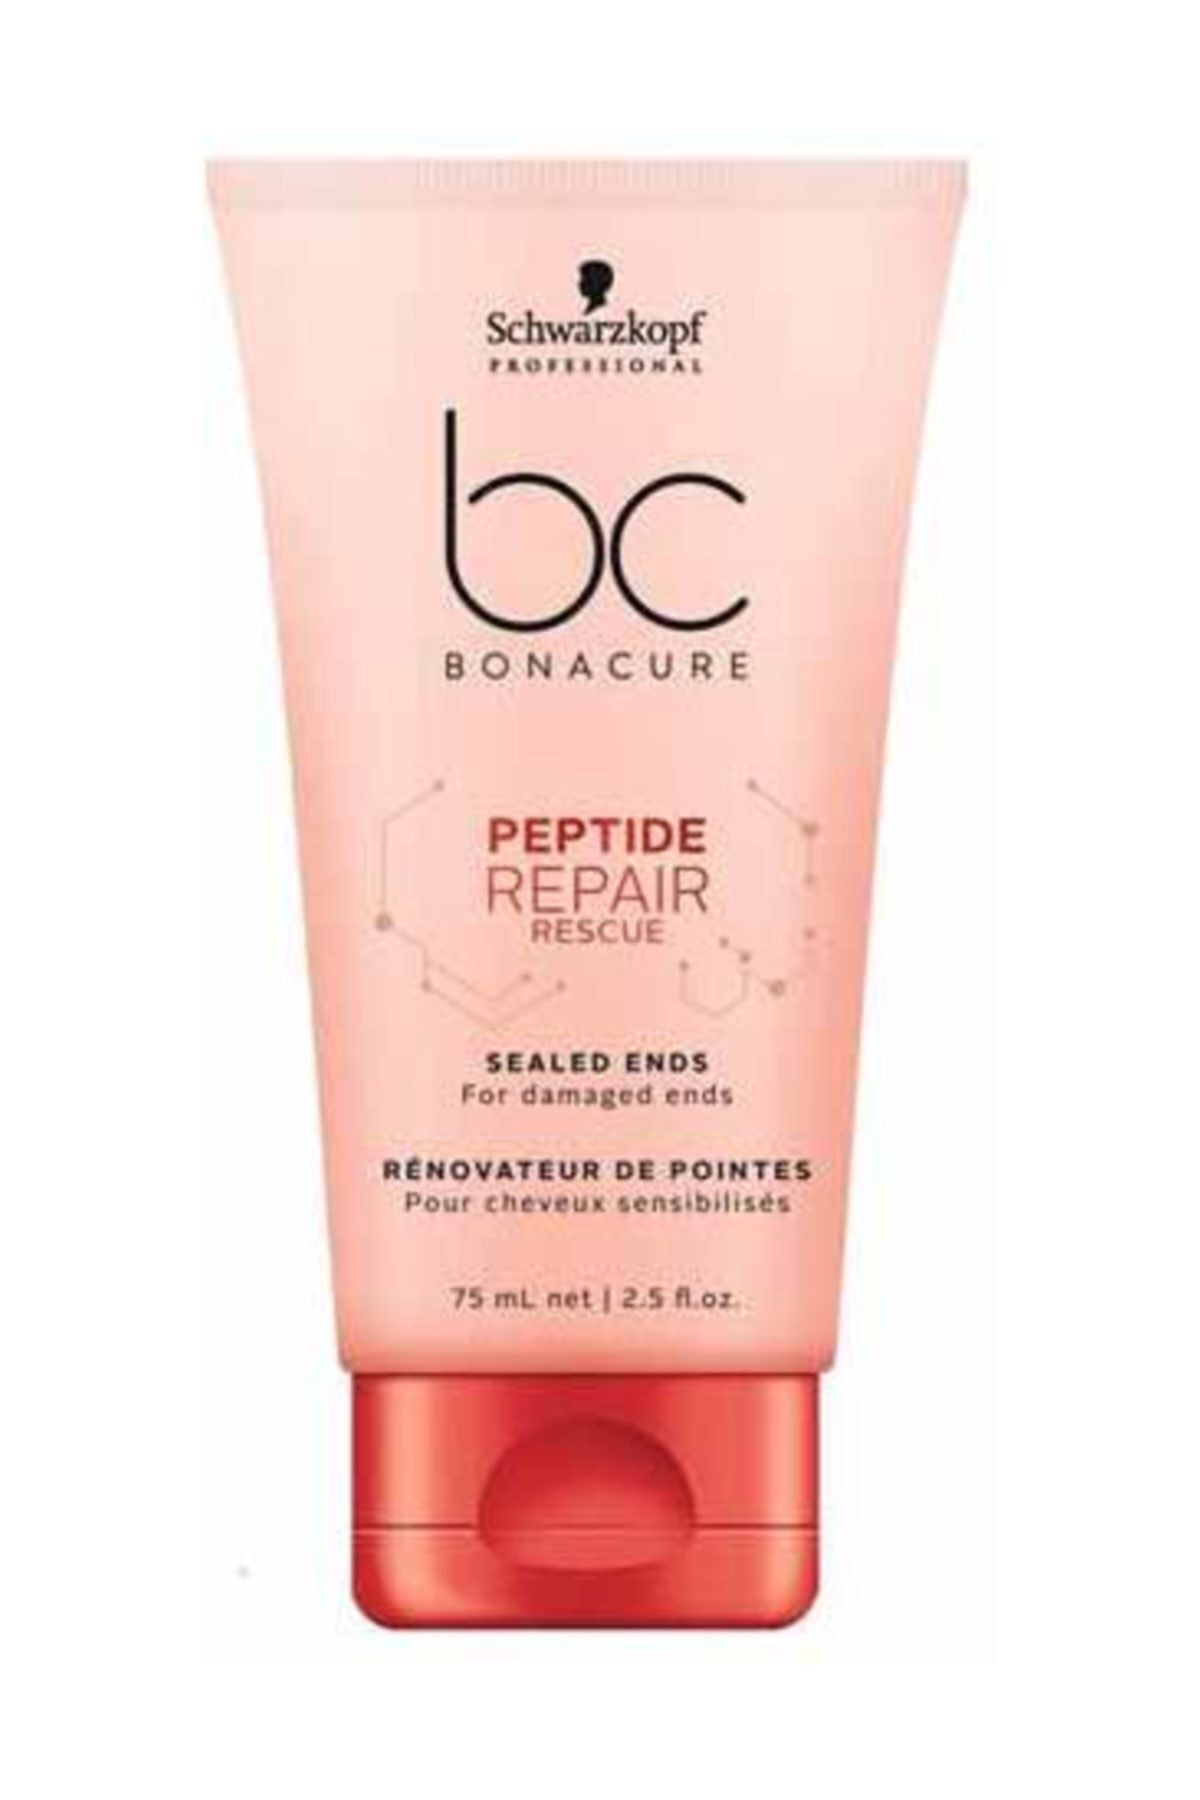 Bonacure Bc Peptide Acil Kurtarma Kırık Uç Önleyici Saç Kremi 75 ml 1